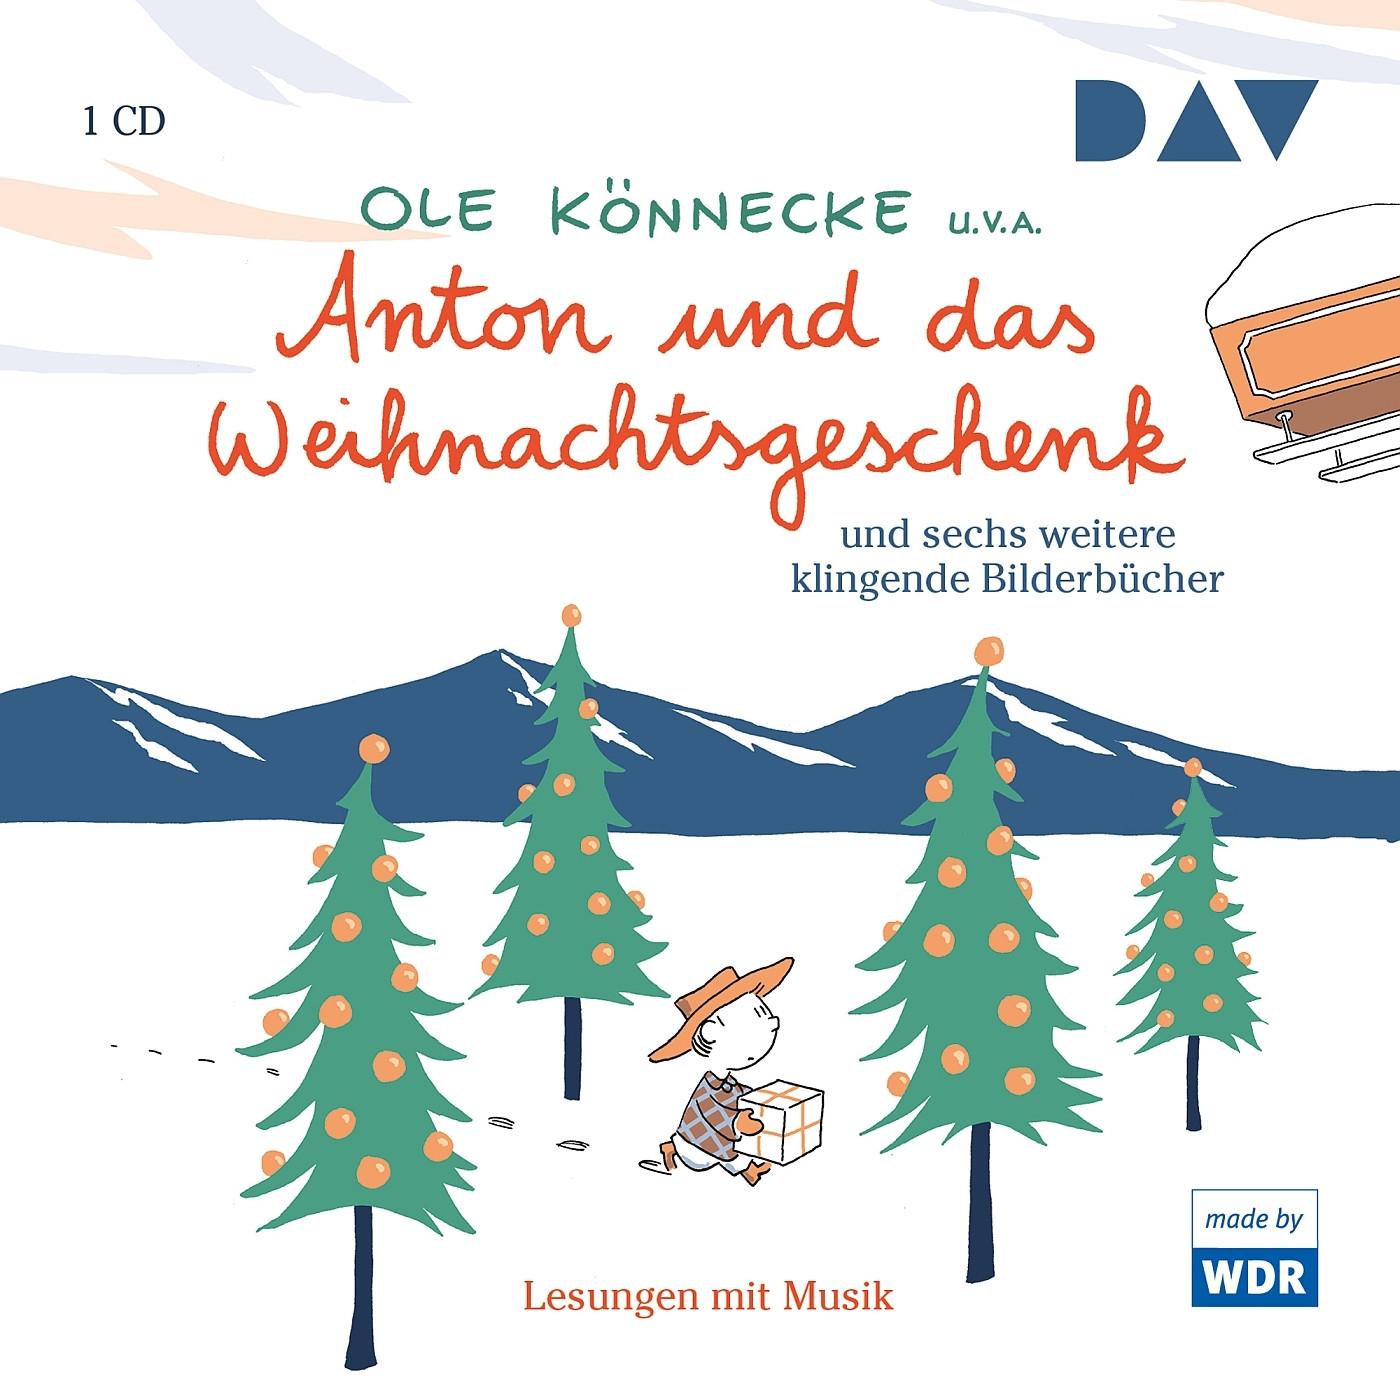 Anton und das Weihnachtsgeschenk und sechs weitere klingende Bilderbücher